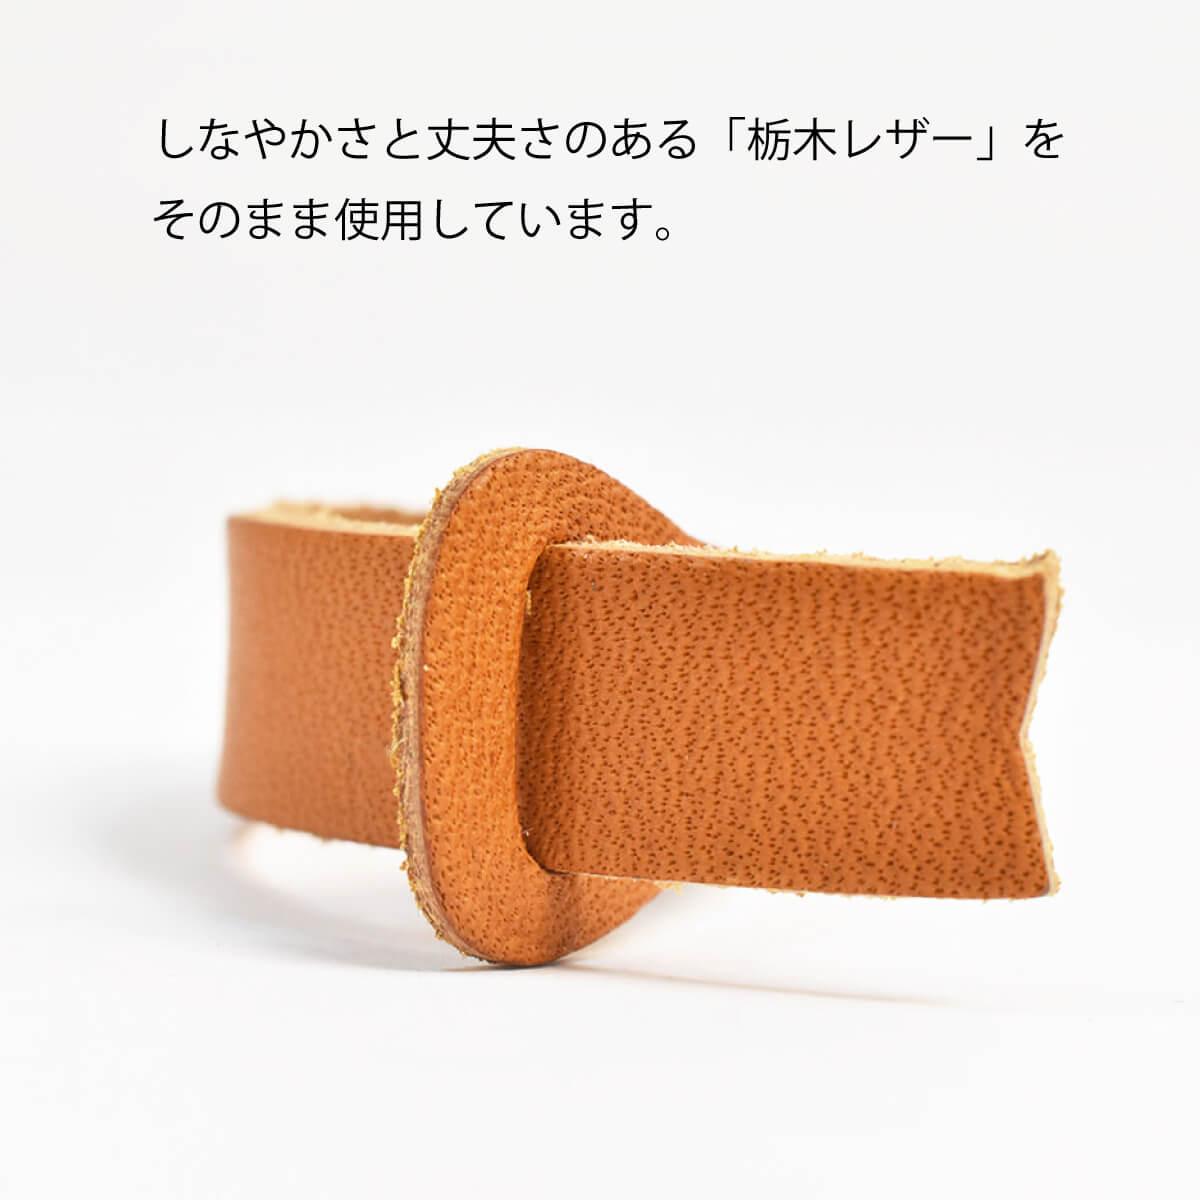 栃木レザー 持ち手 Lサイズ 2個セット ファスナーハンドル 【名入れ可】